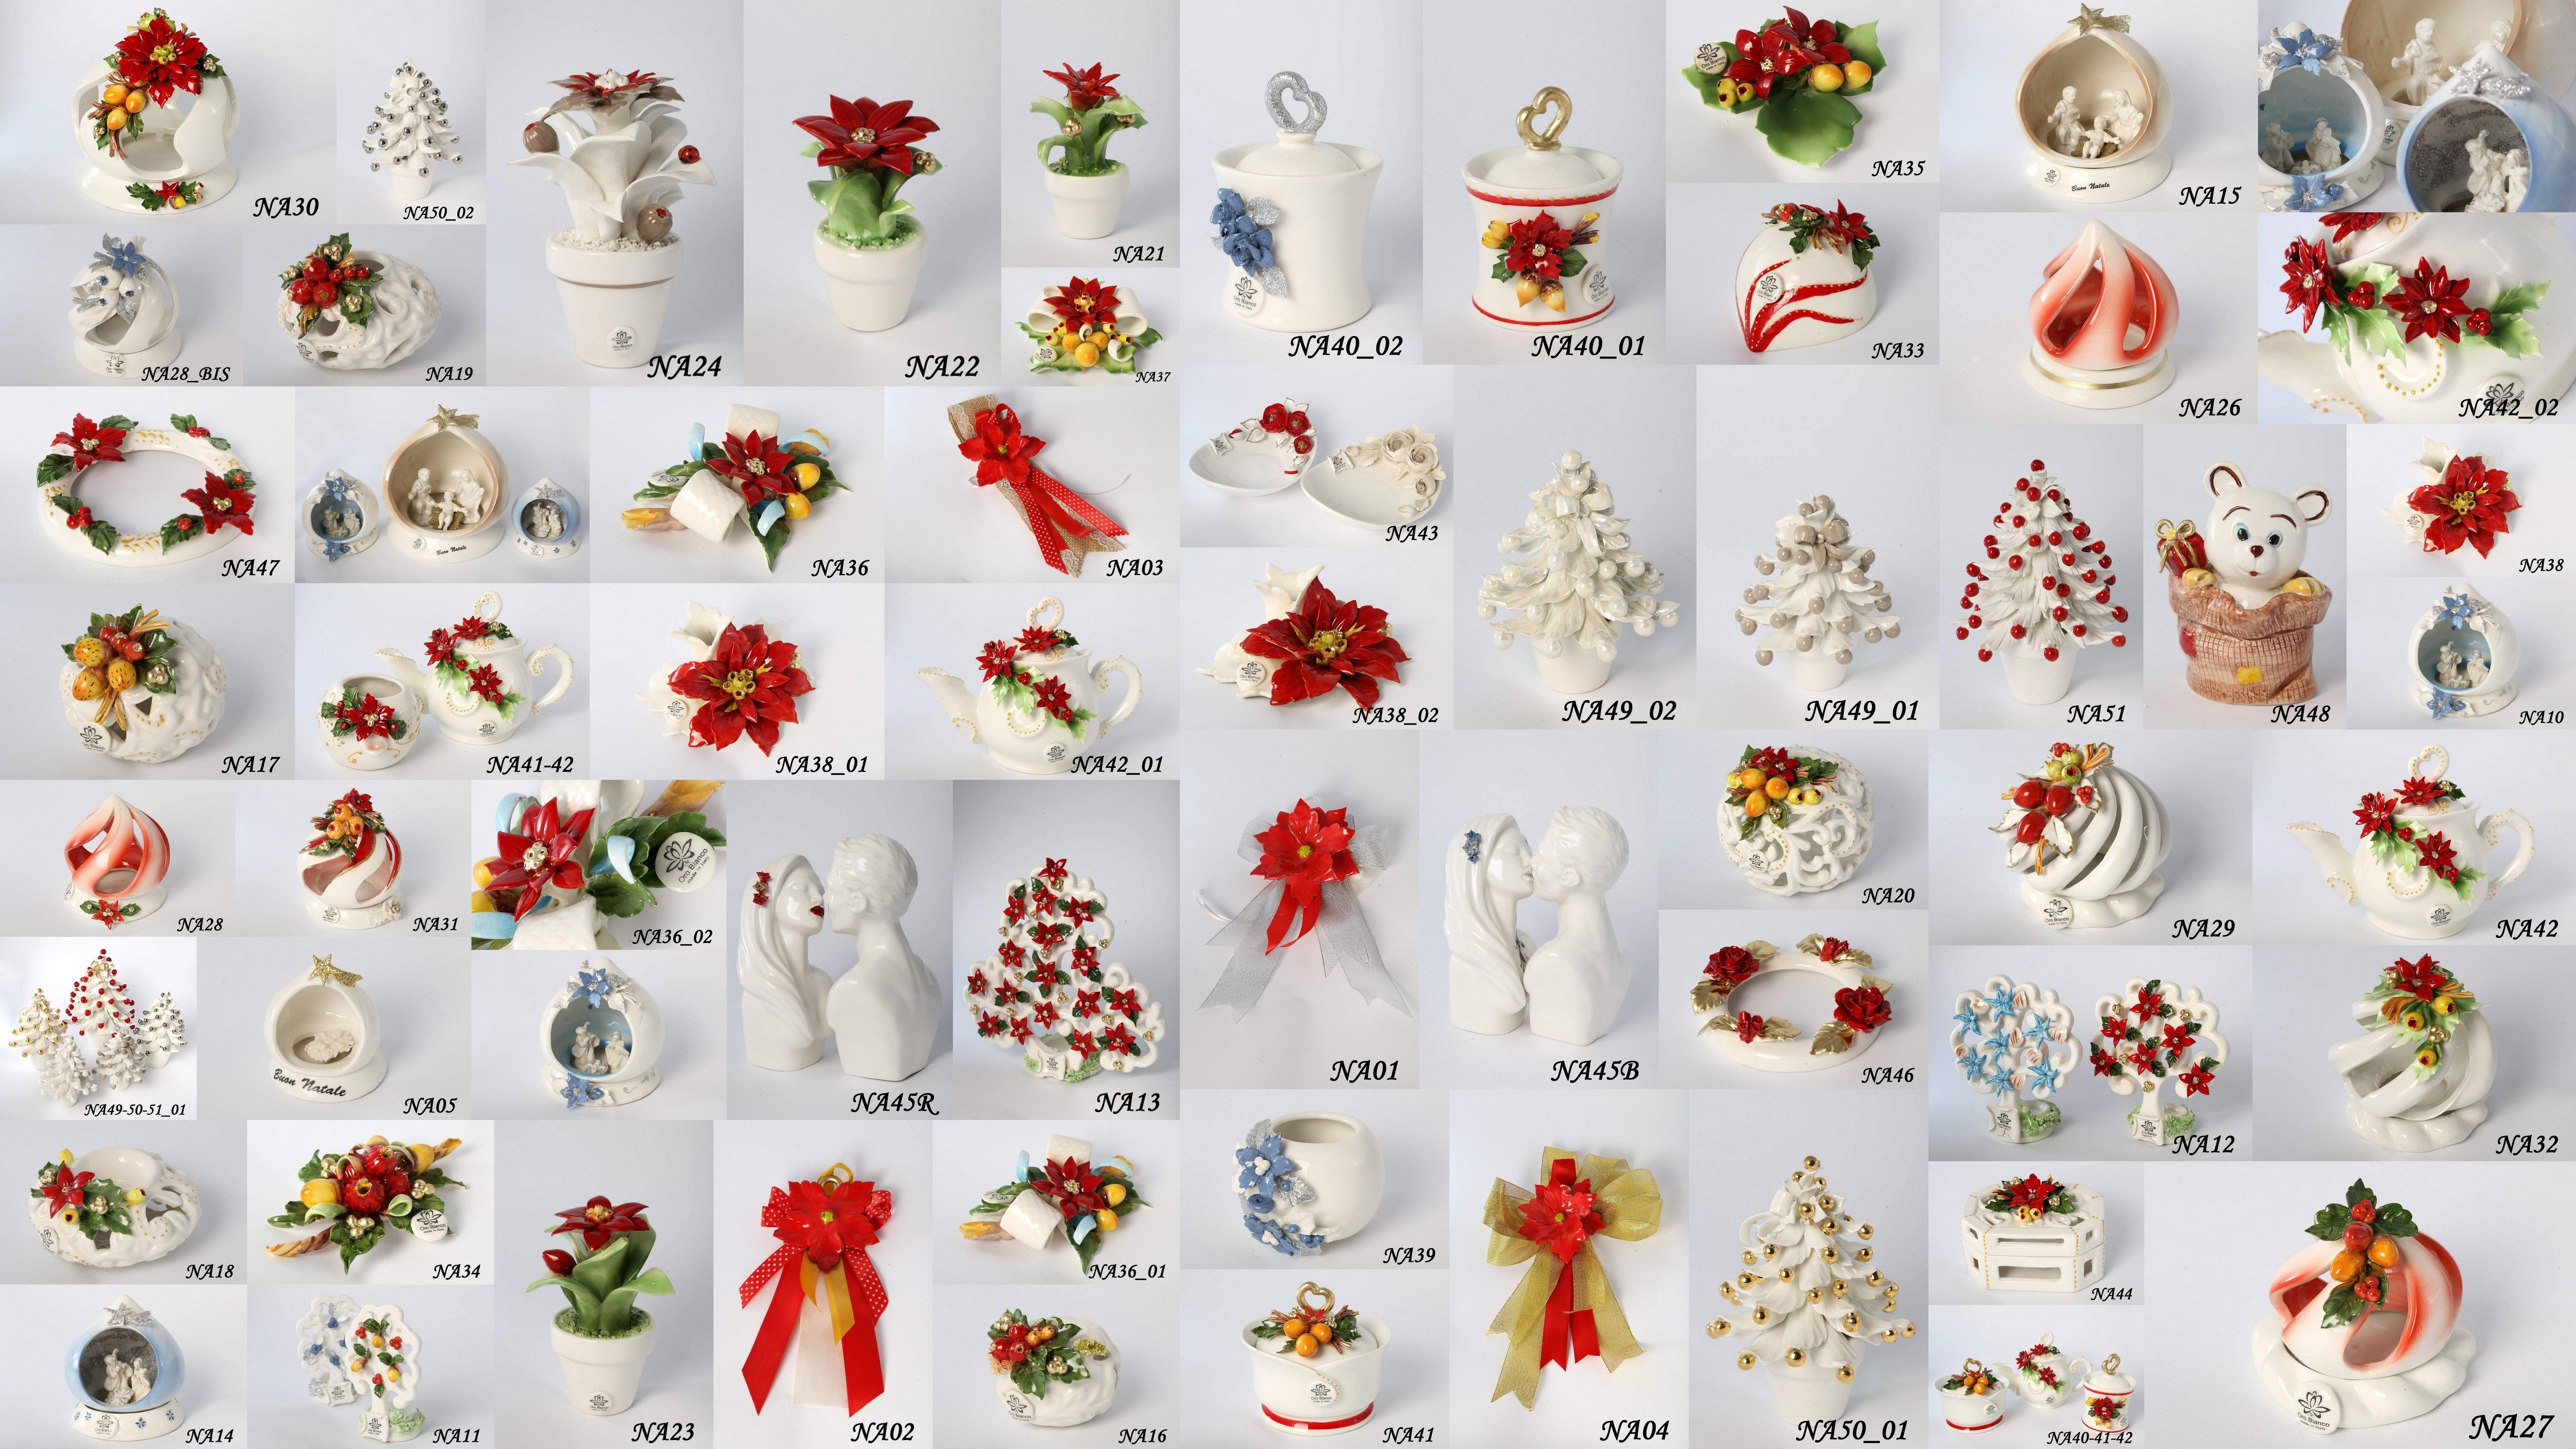 Acquisto Decorazioni Natalizie.Oggettistica Decorativa Natalizia Oggettistica Ed Articoli Da Regalo In Porcellana Di Capodimonte Decorazio Decorazioni Natalizie Decorazioni Regali Di Natale